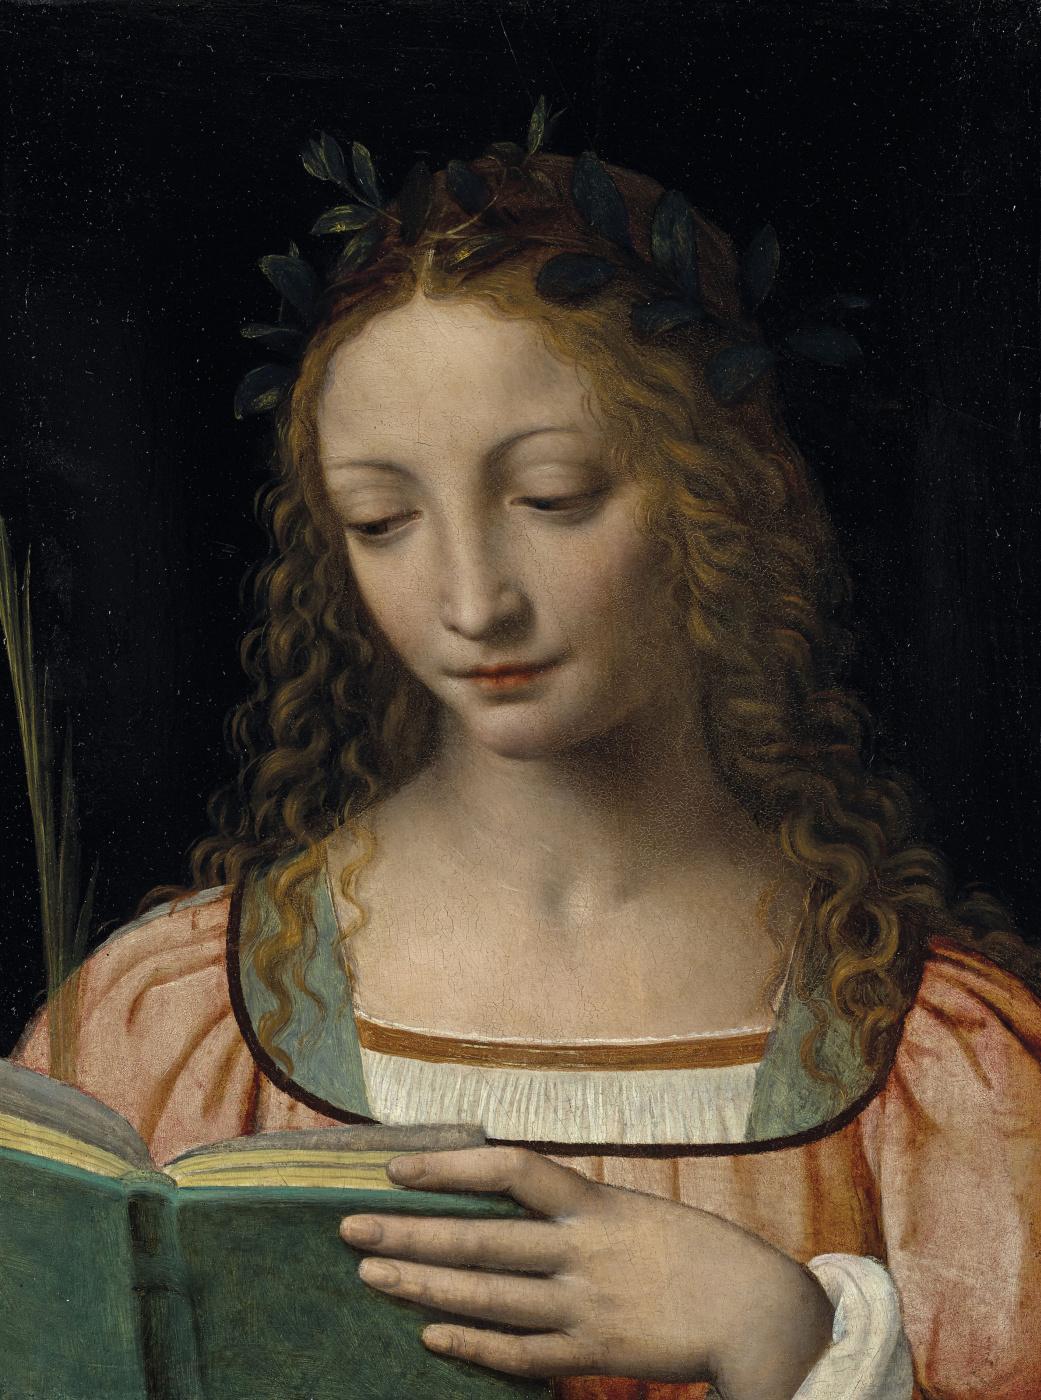 Bernardino Luini. Une figure de sainte, en buste, avec une palme et lisant les Ecritures